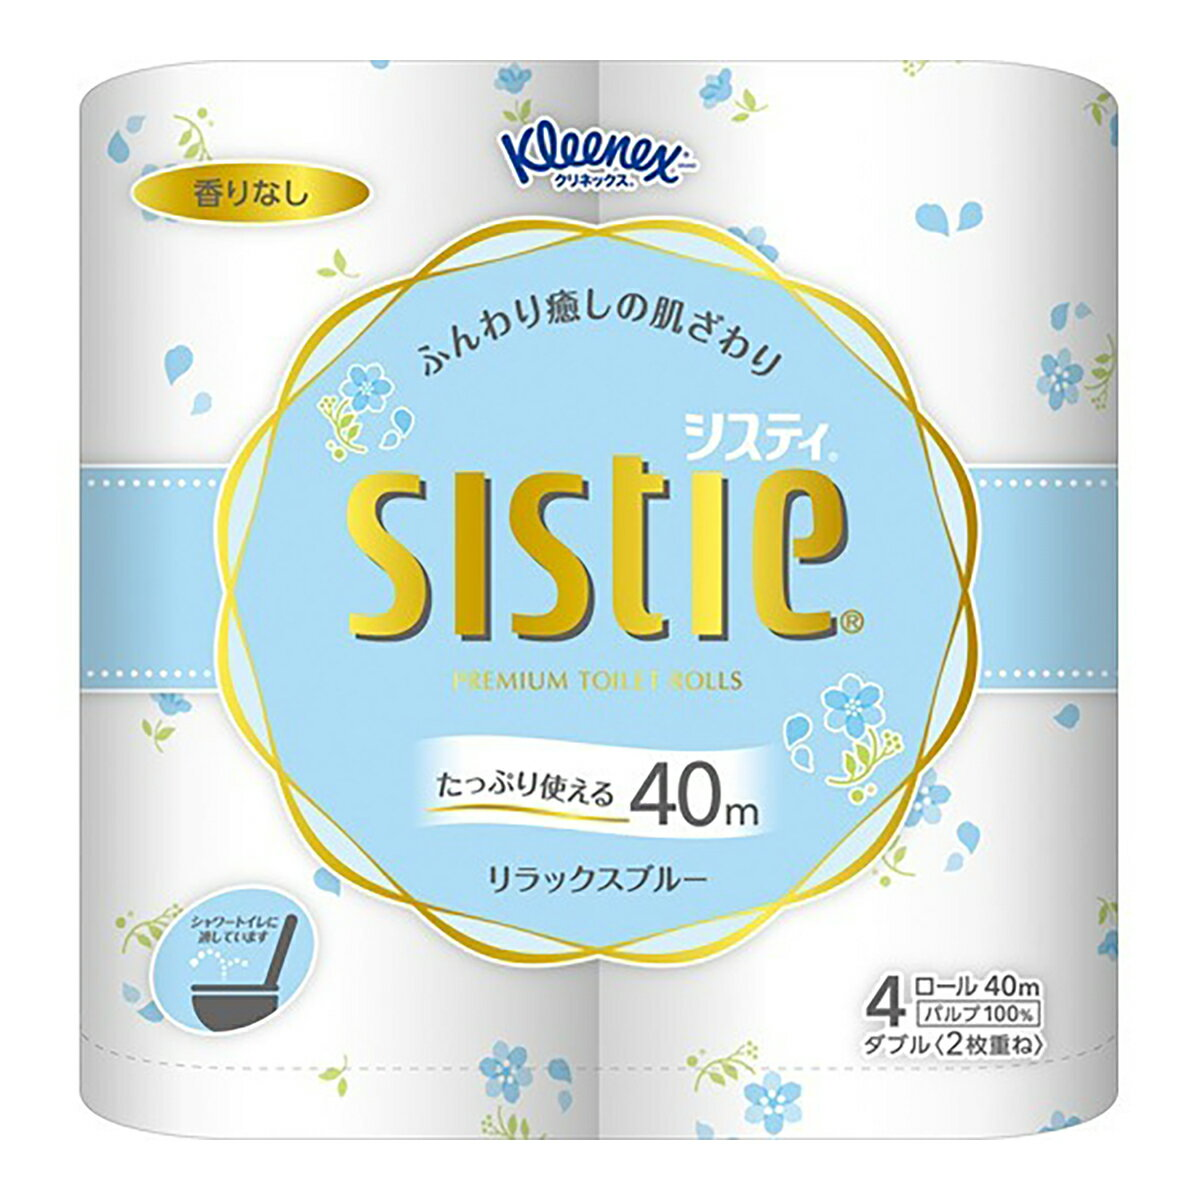 【お試しモニター特価】日本製紙クレシア クリネックス システィ ダブル 4ロール(ブルー) トイレットペーパー (4901750251000)※初めてご注文のお客様限定